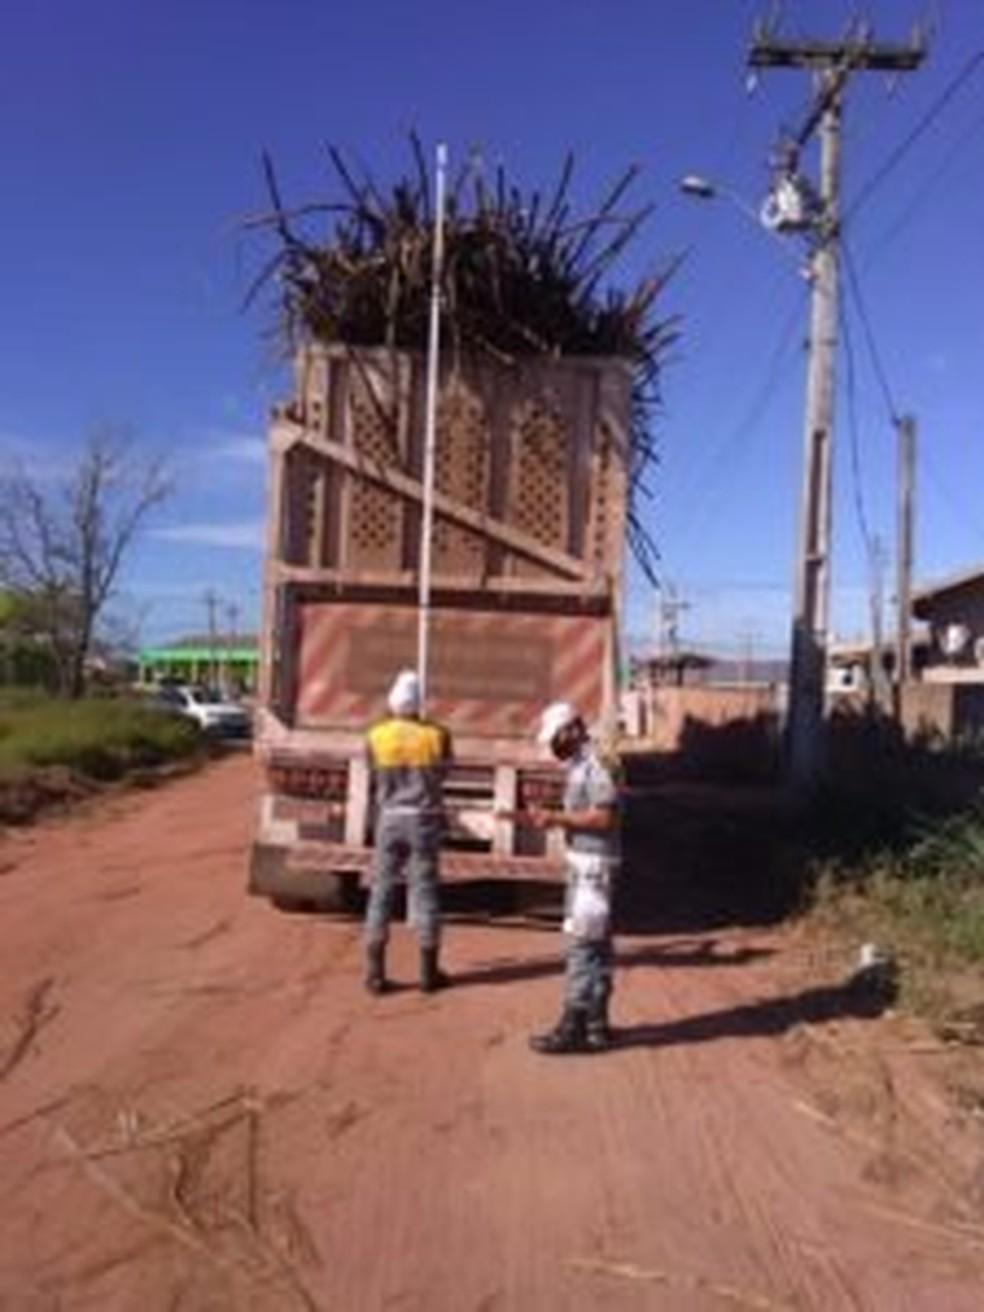 Caminhões de transporte de cana-de-açúcar são fiscalizados em São Francisco de Itabapoana, no RJ — Foto: Divulgação/Emtransf